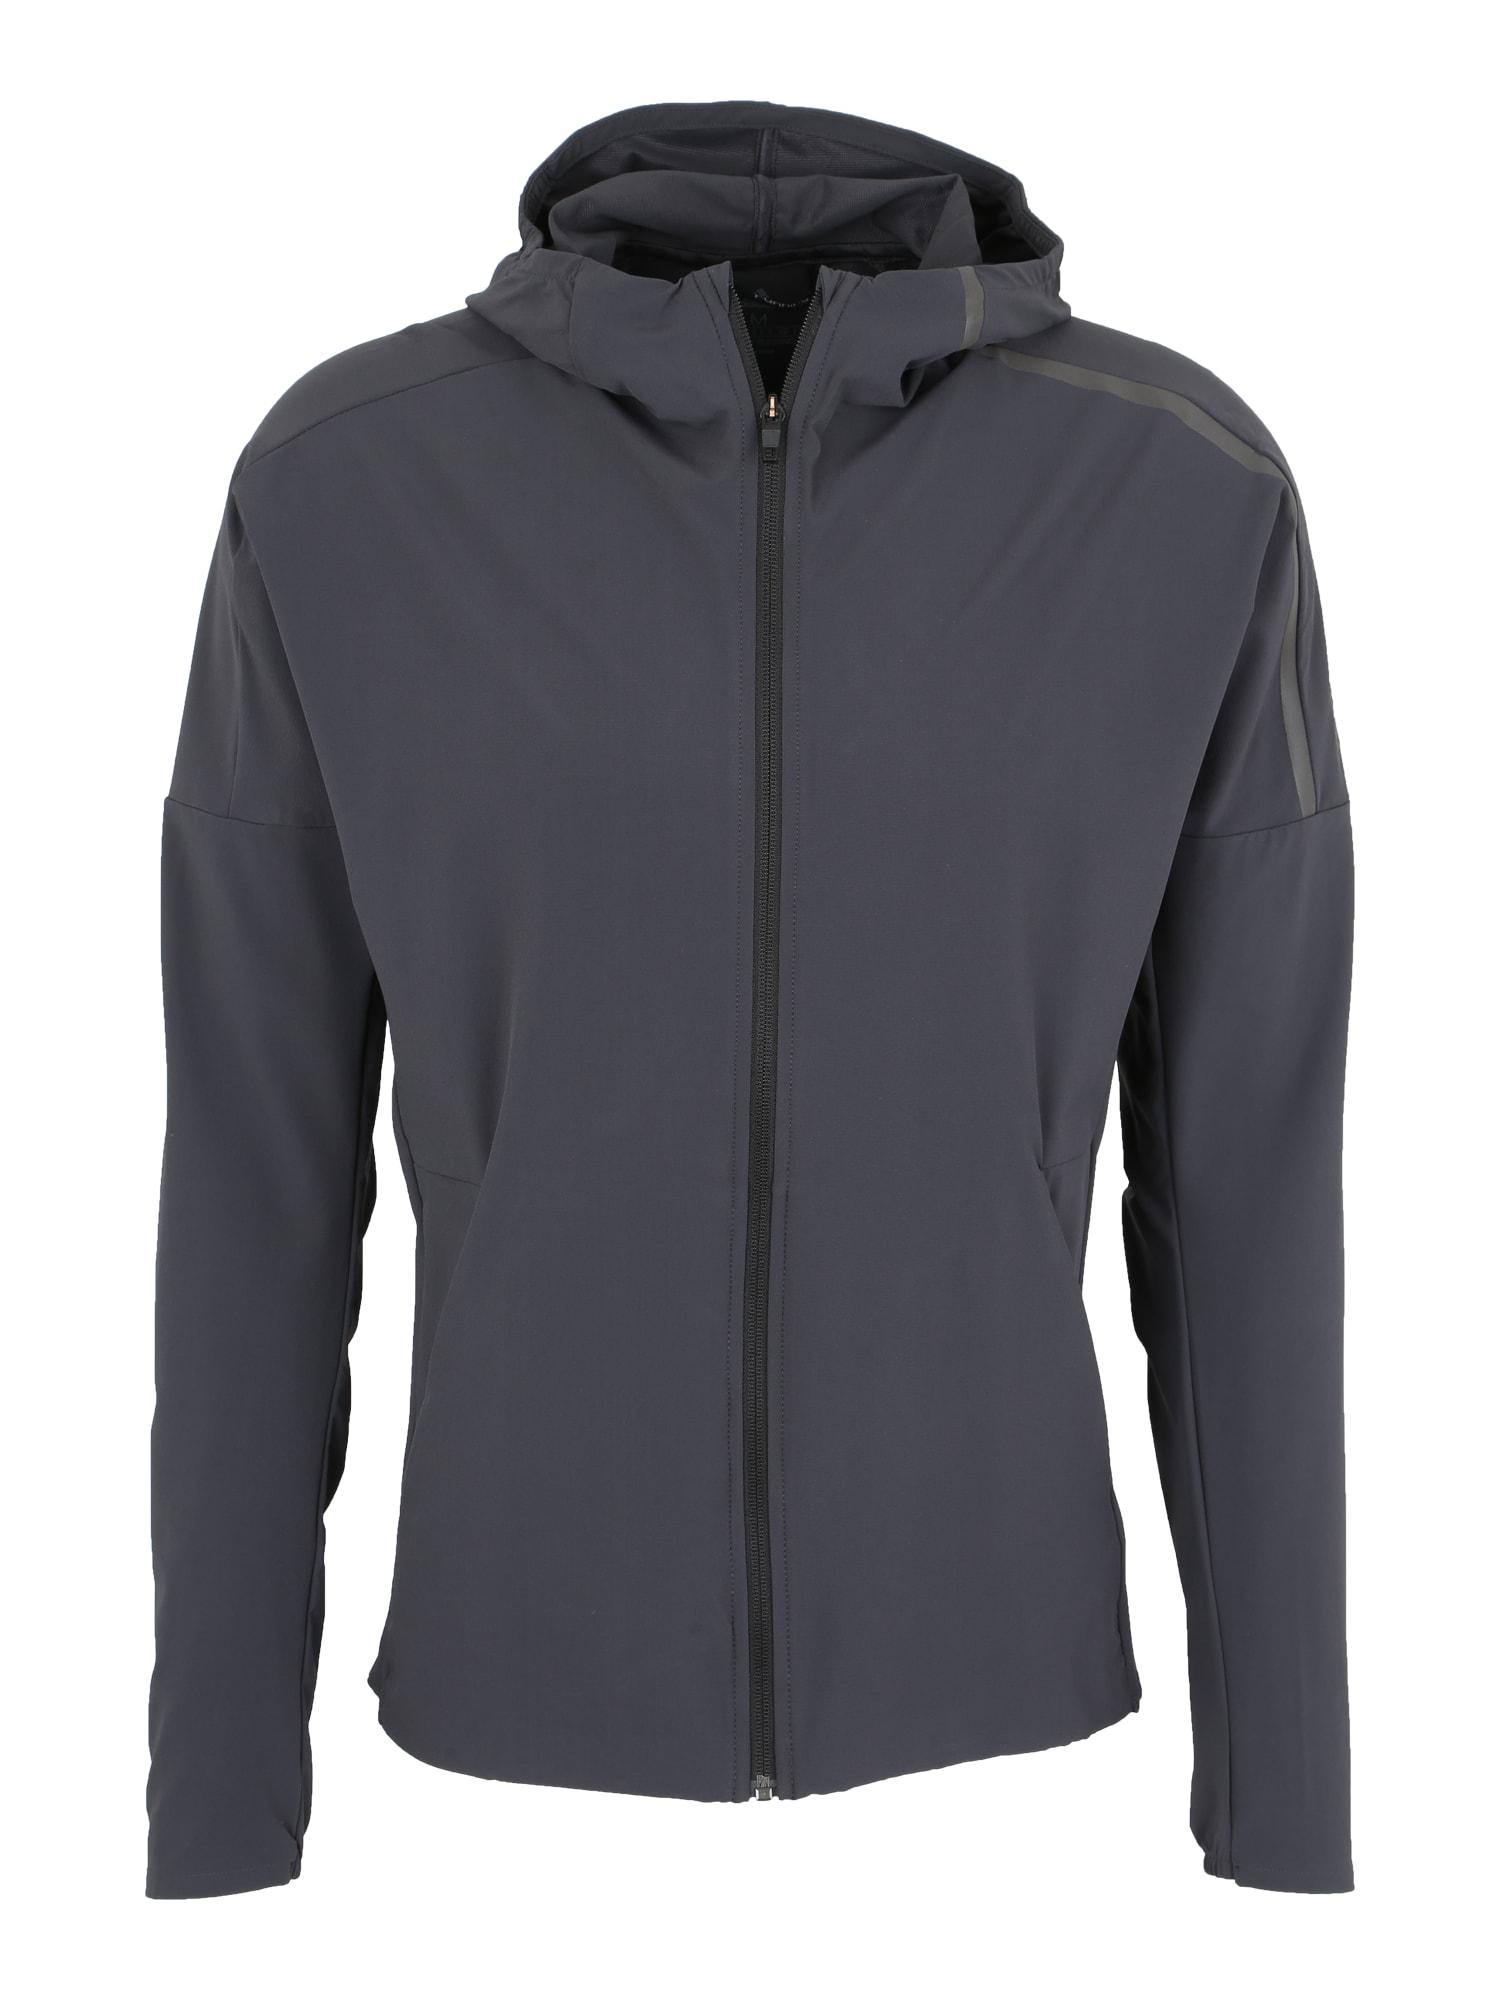 Sportovní bunda Z.N.E. tmavě šedá ADIDAS PERFORMANCE